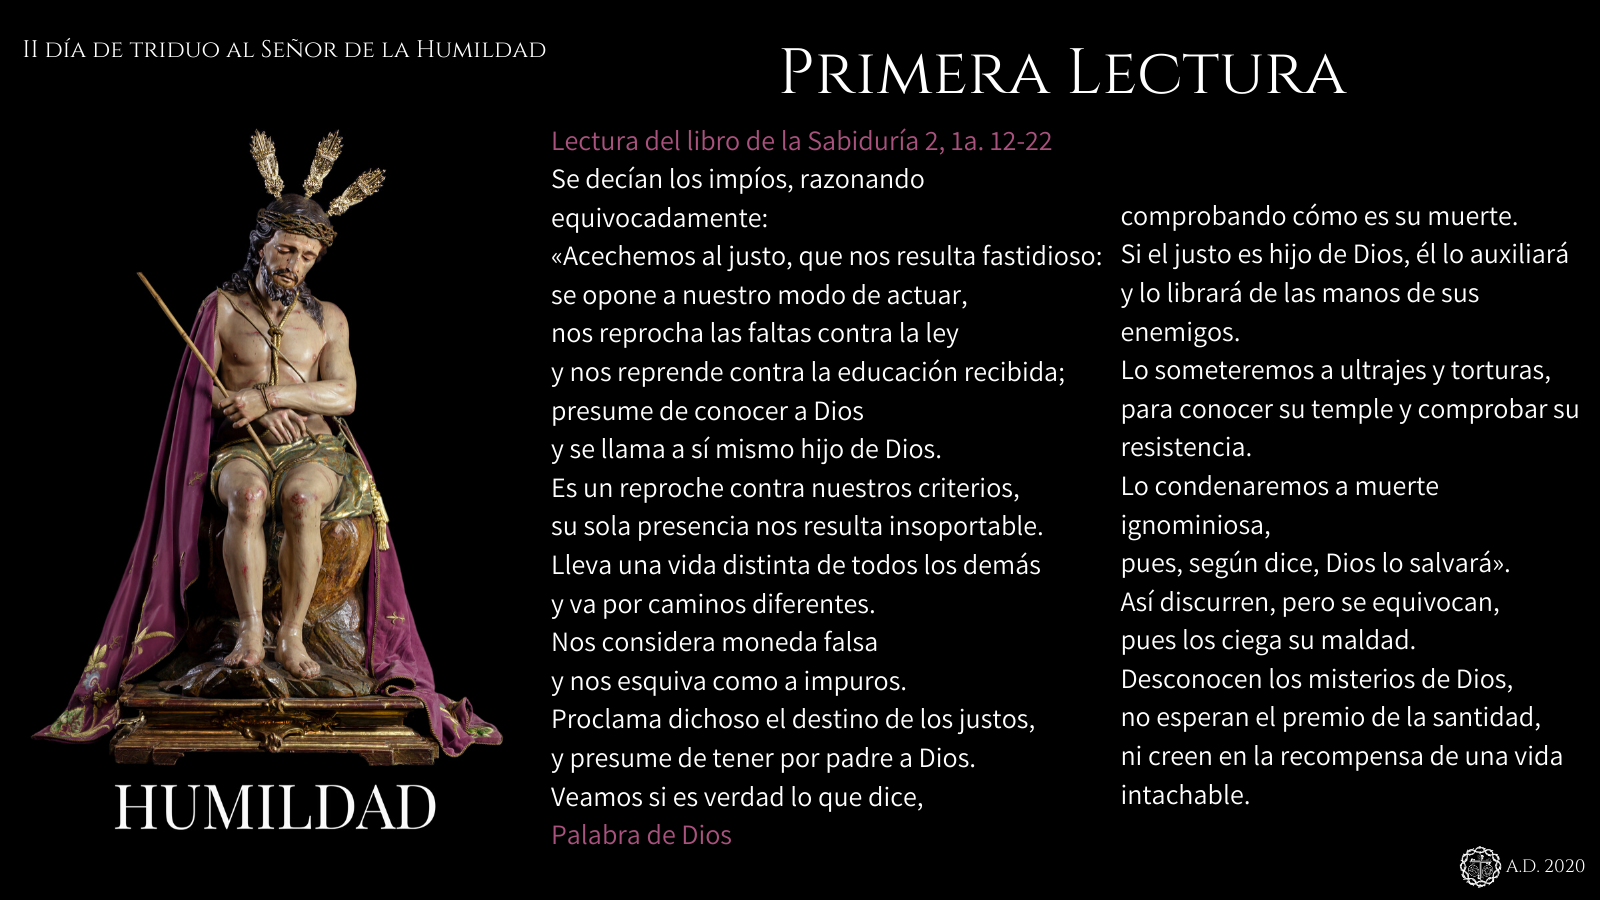 Triduo Humildad II (2)